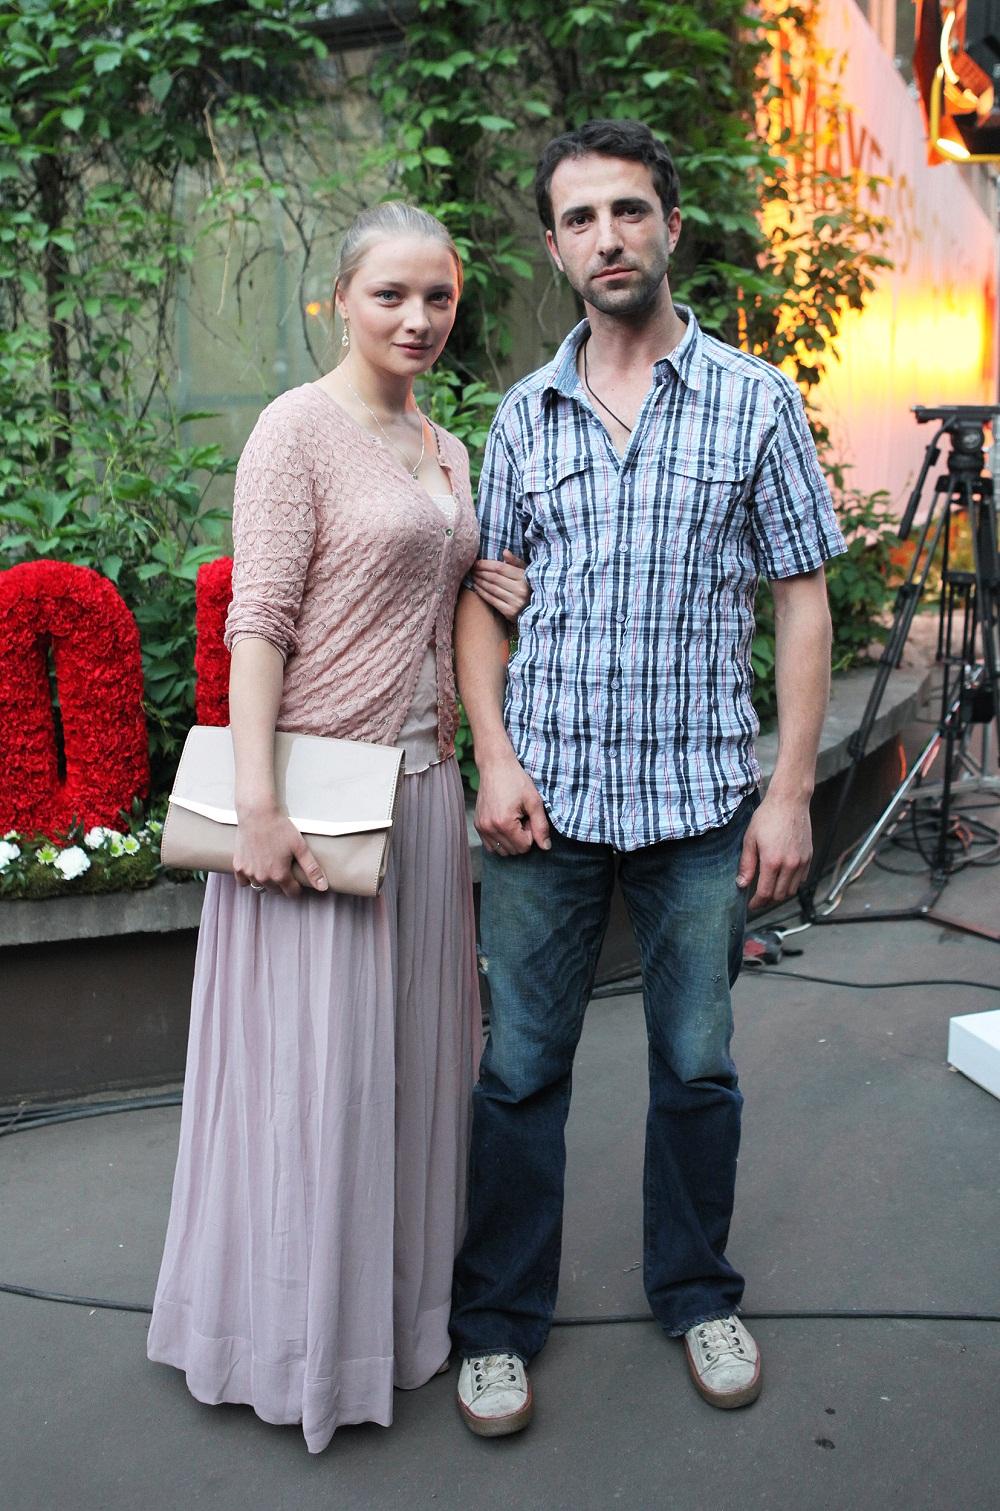 Екатерина вилкова и илья любимов свадьба фото